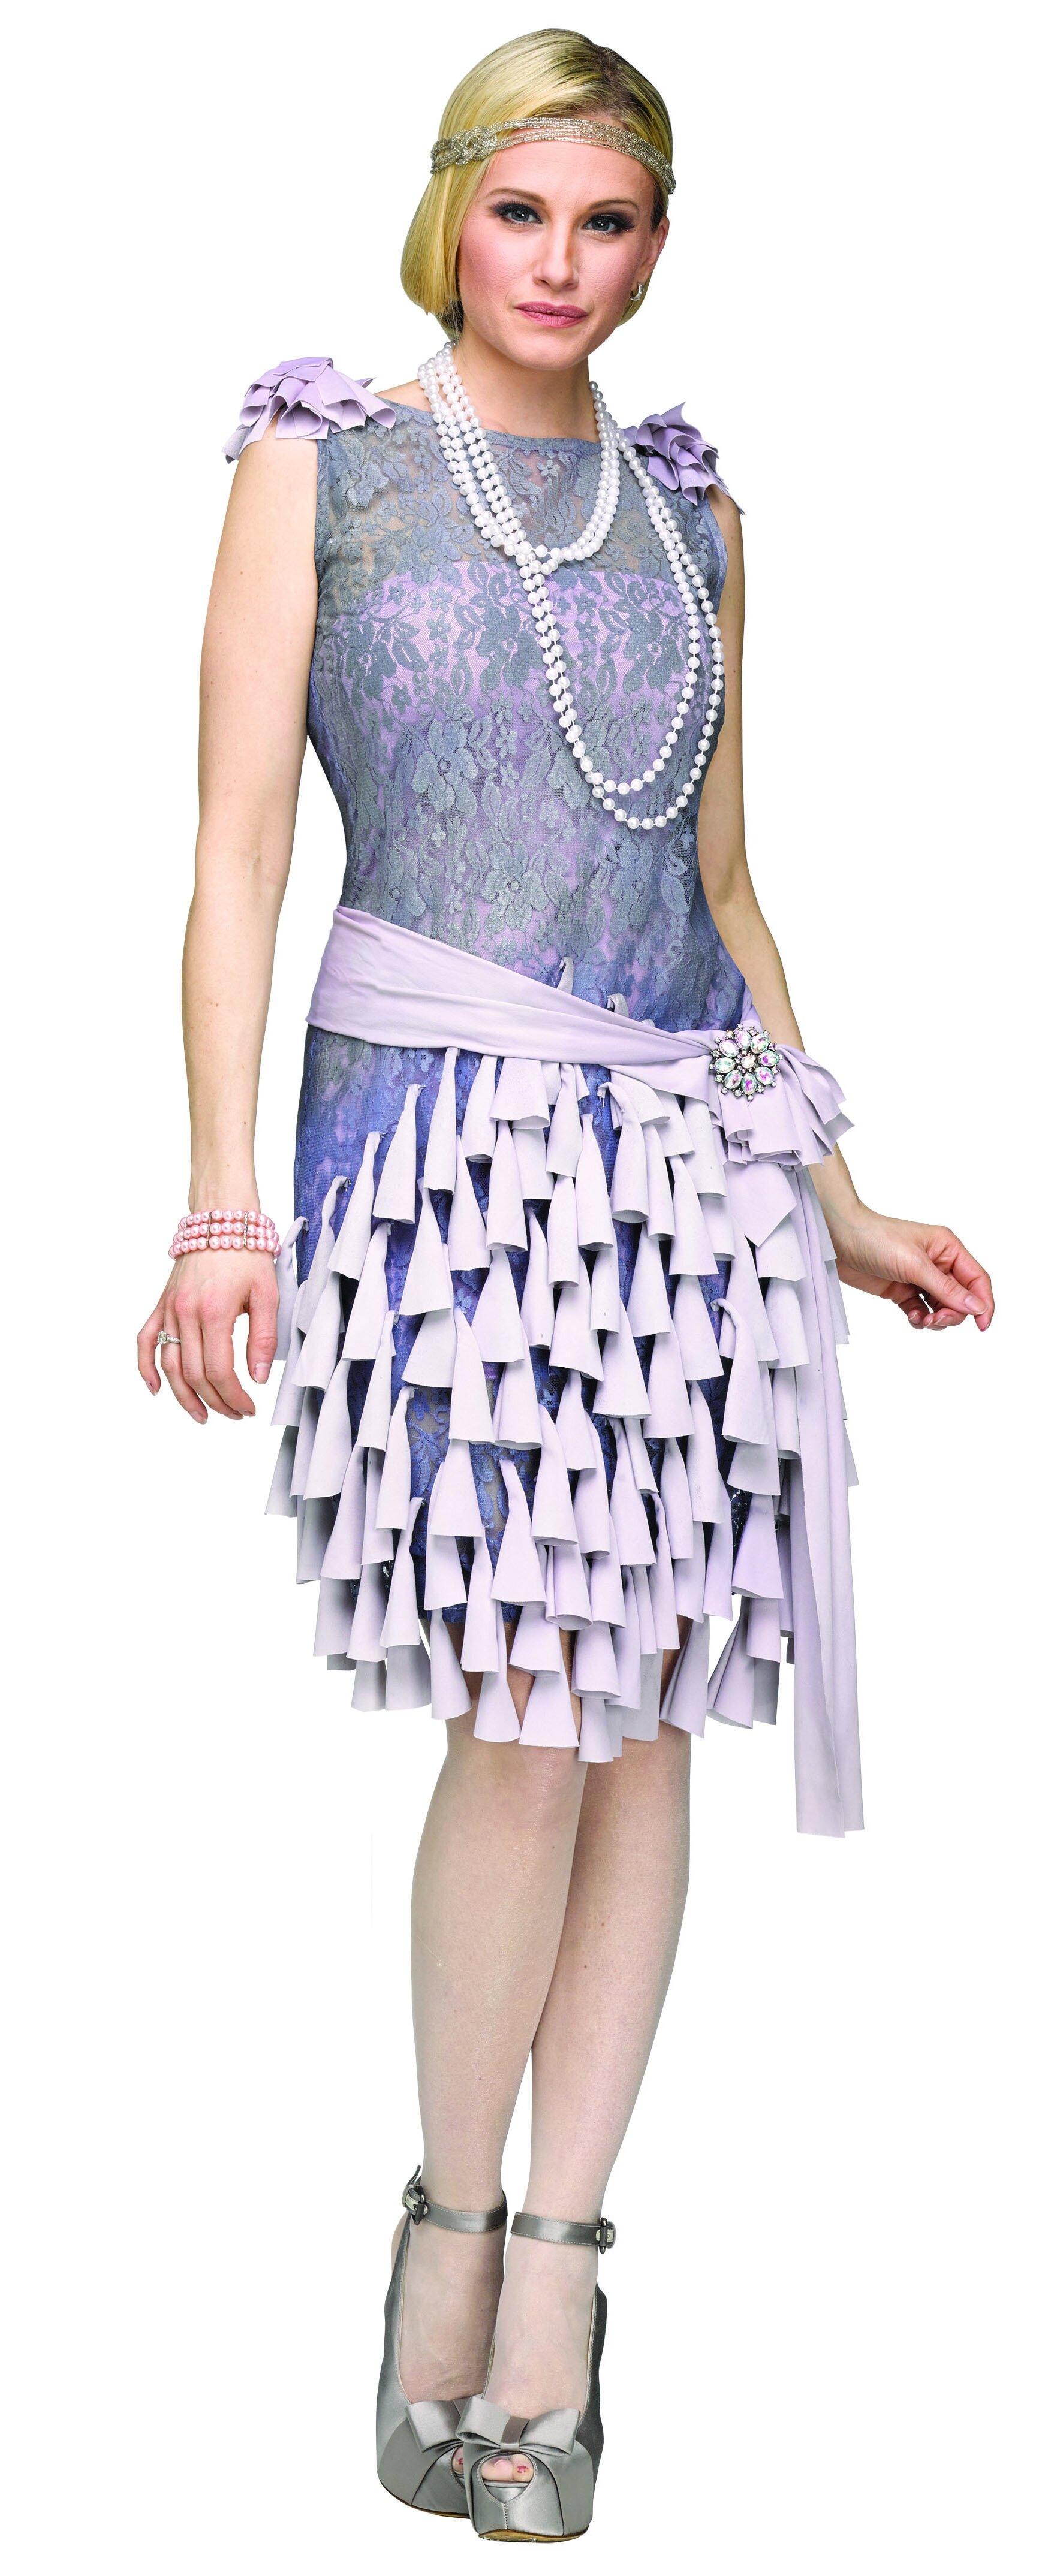 0143767e2be Купить платье в стиле гэтсби ▽ в интернет магазине через каталог ...